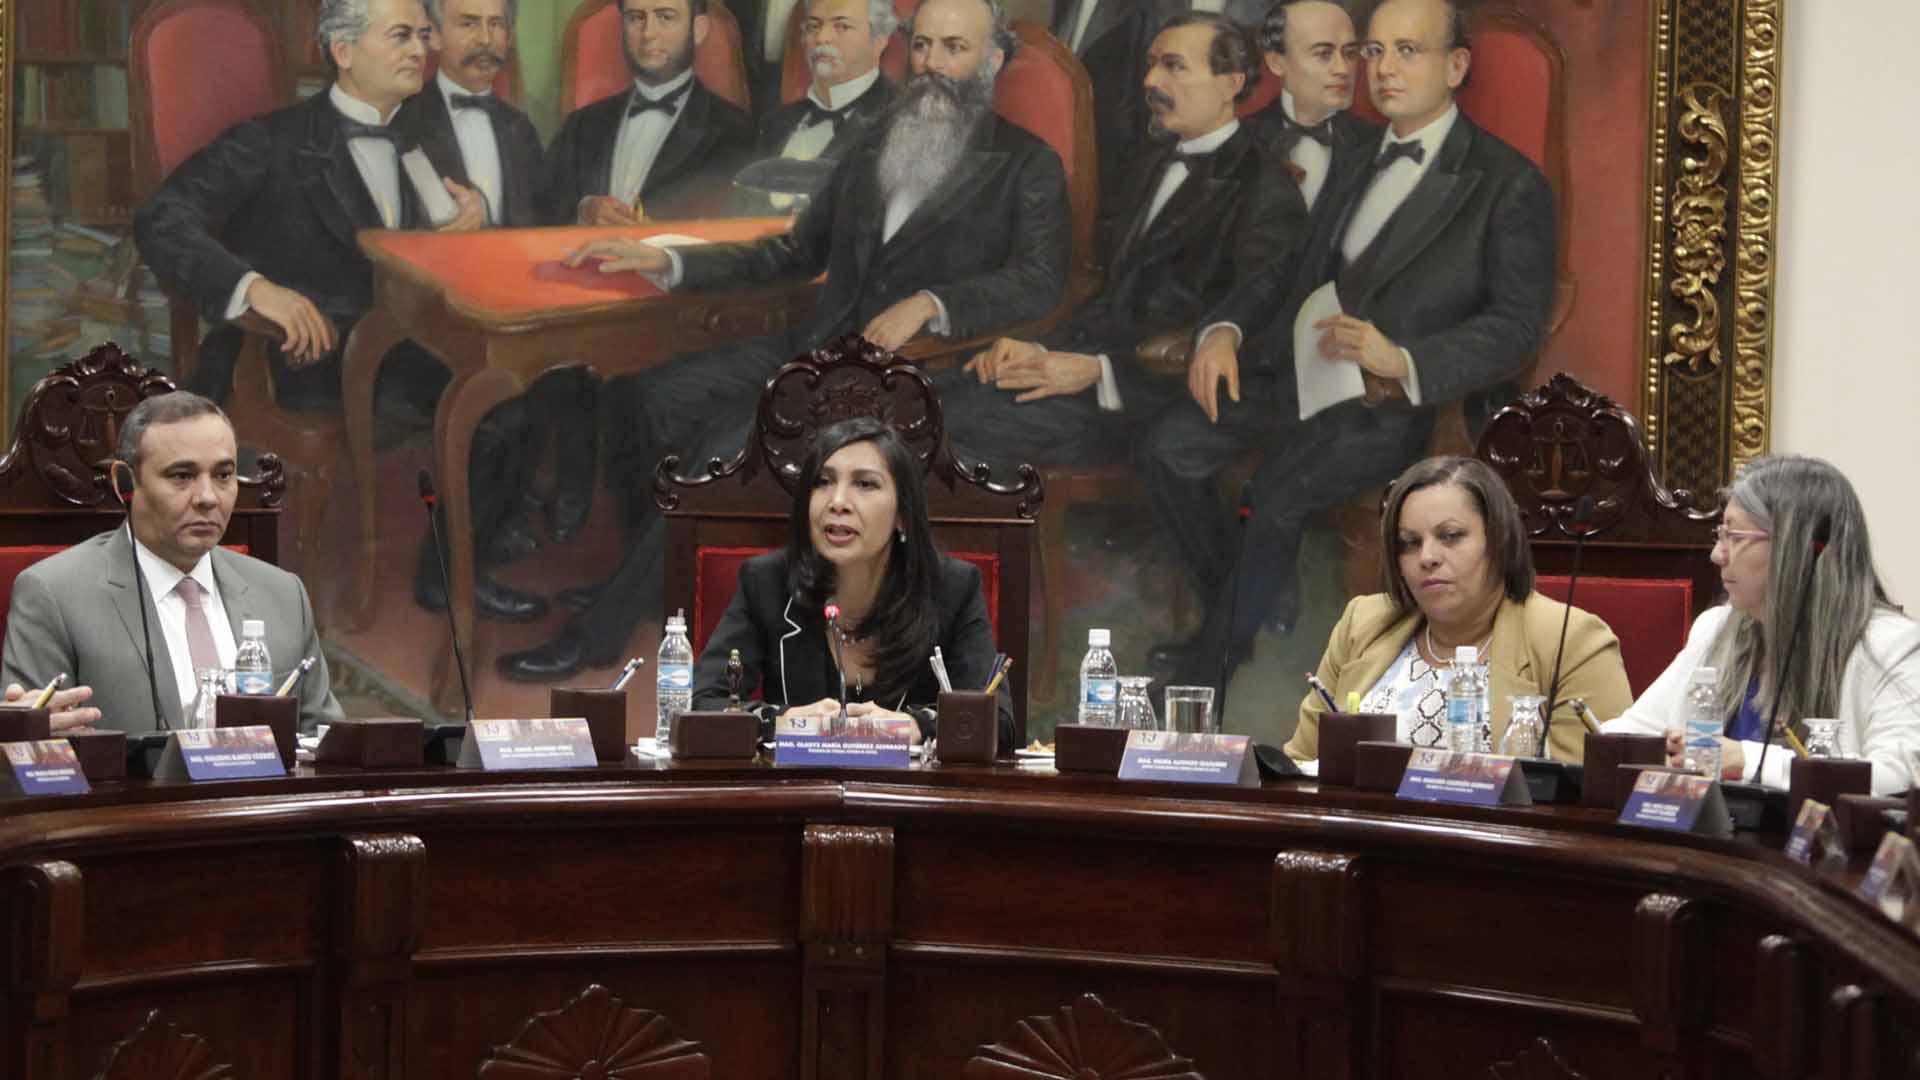 Consideraron que el Parlamento perseguía la desviación del poder al aumentar el numero de magistrados